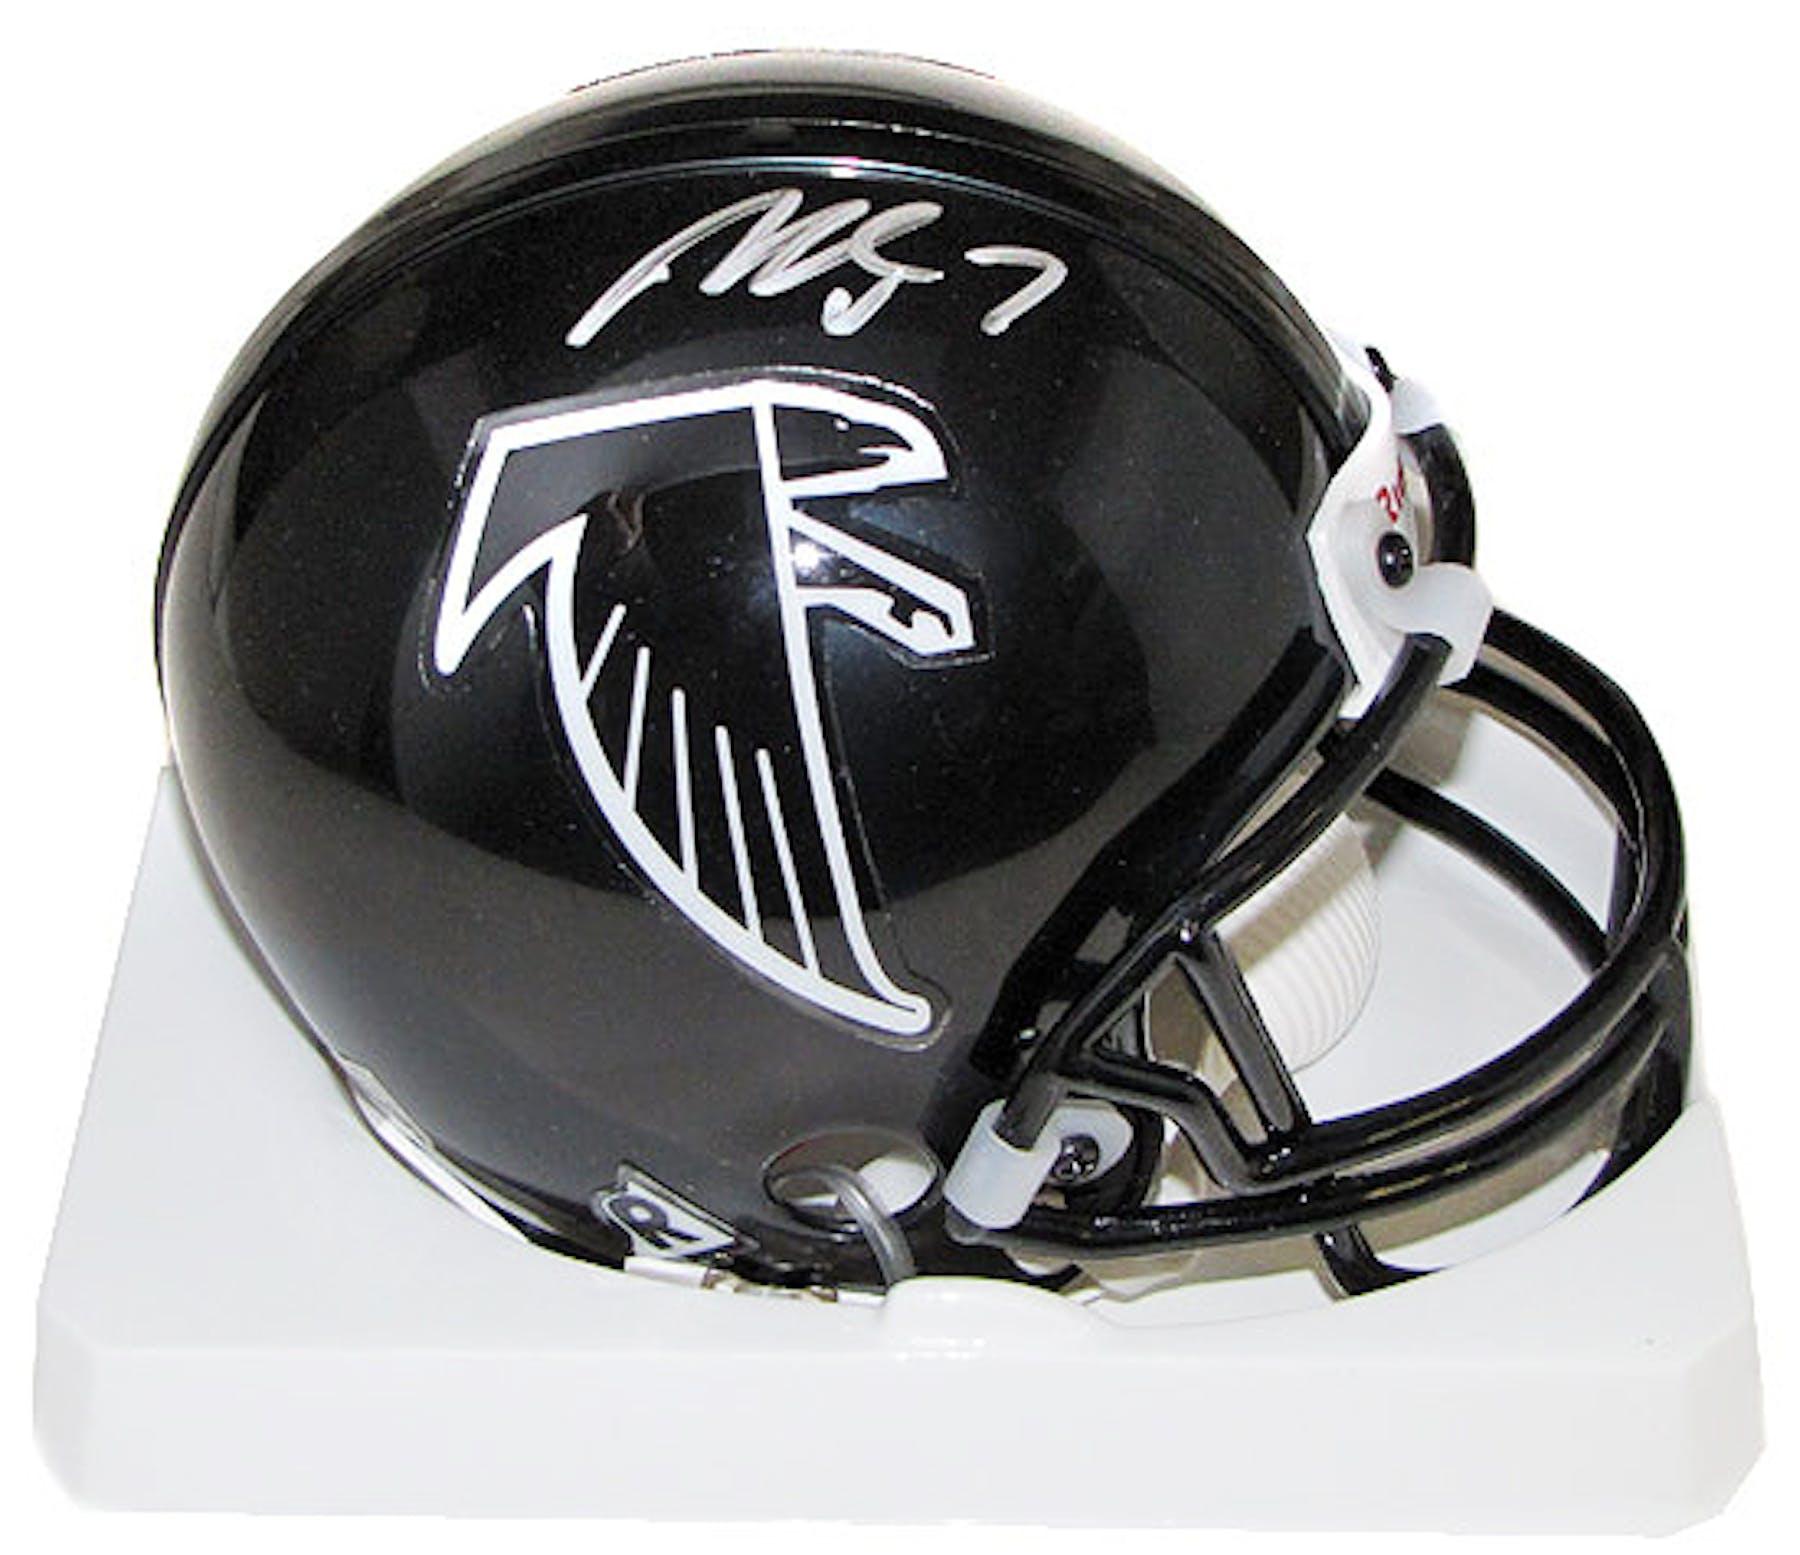 f224375f895 Michael Vick Autographed Atlanta Falcons Mini Football Helmet (PSA ...